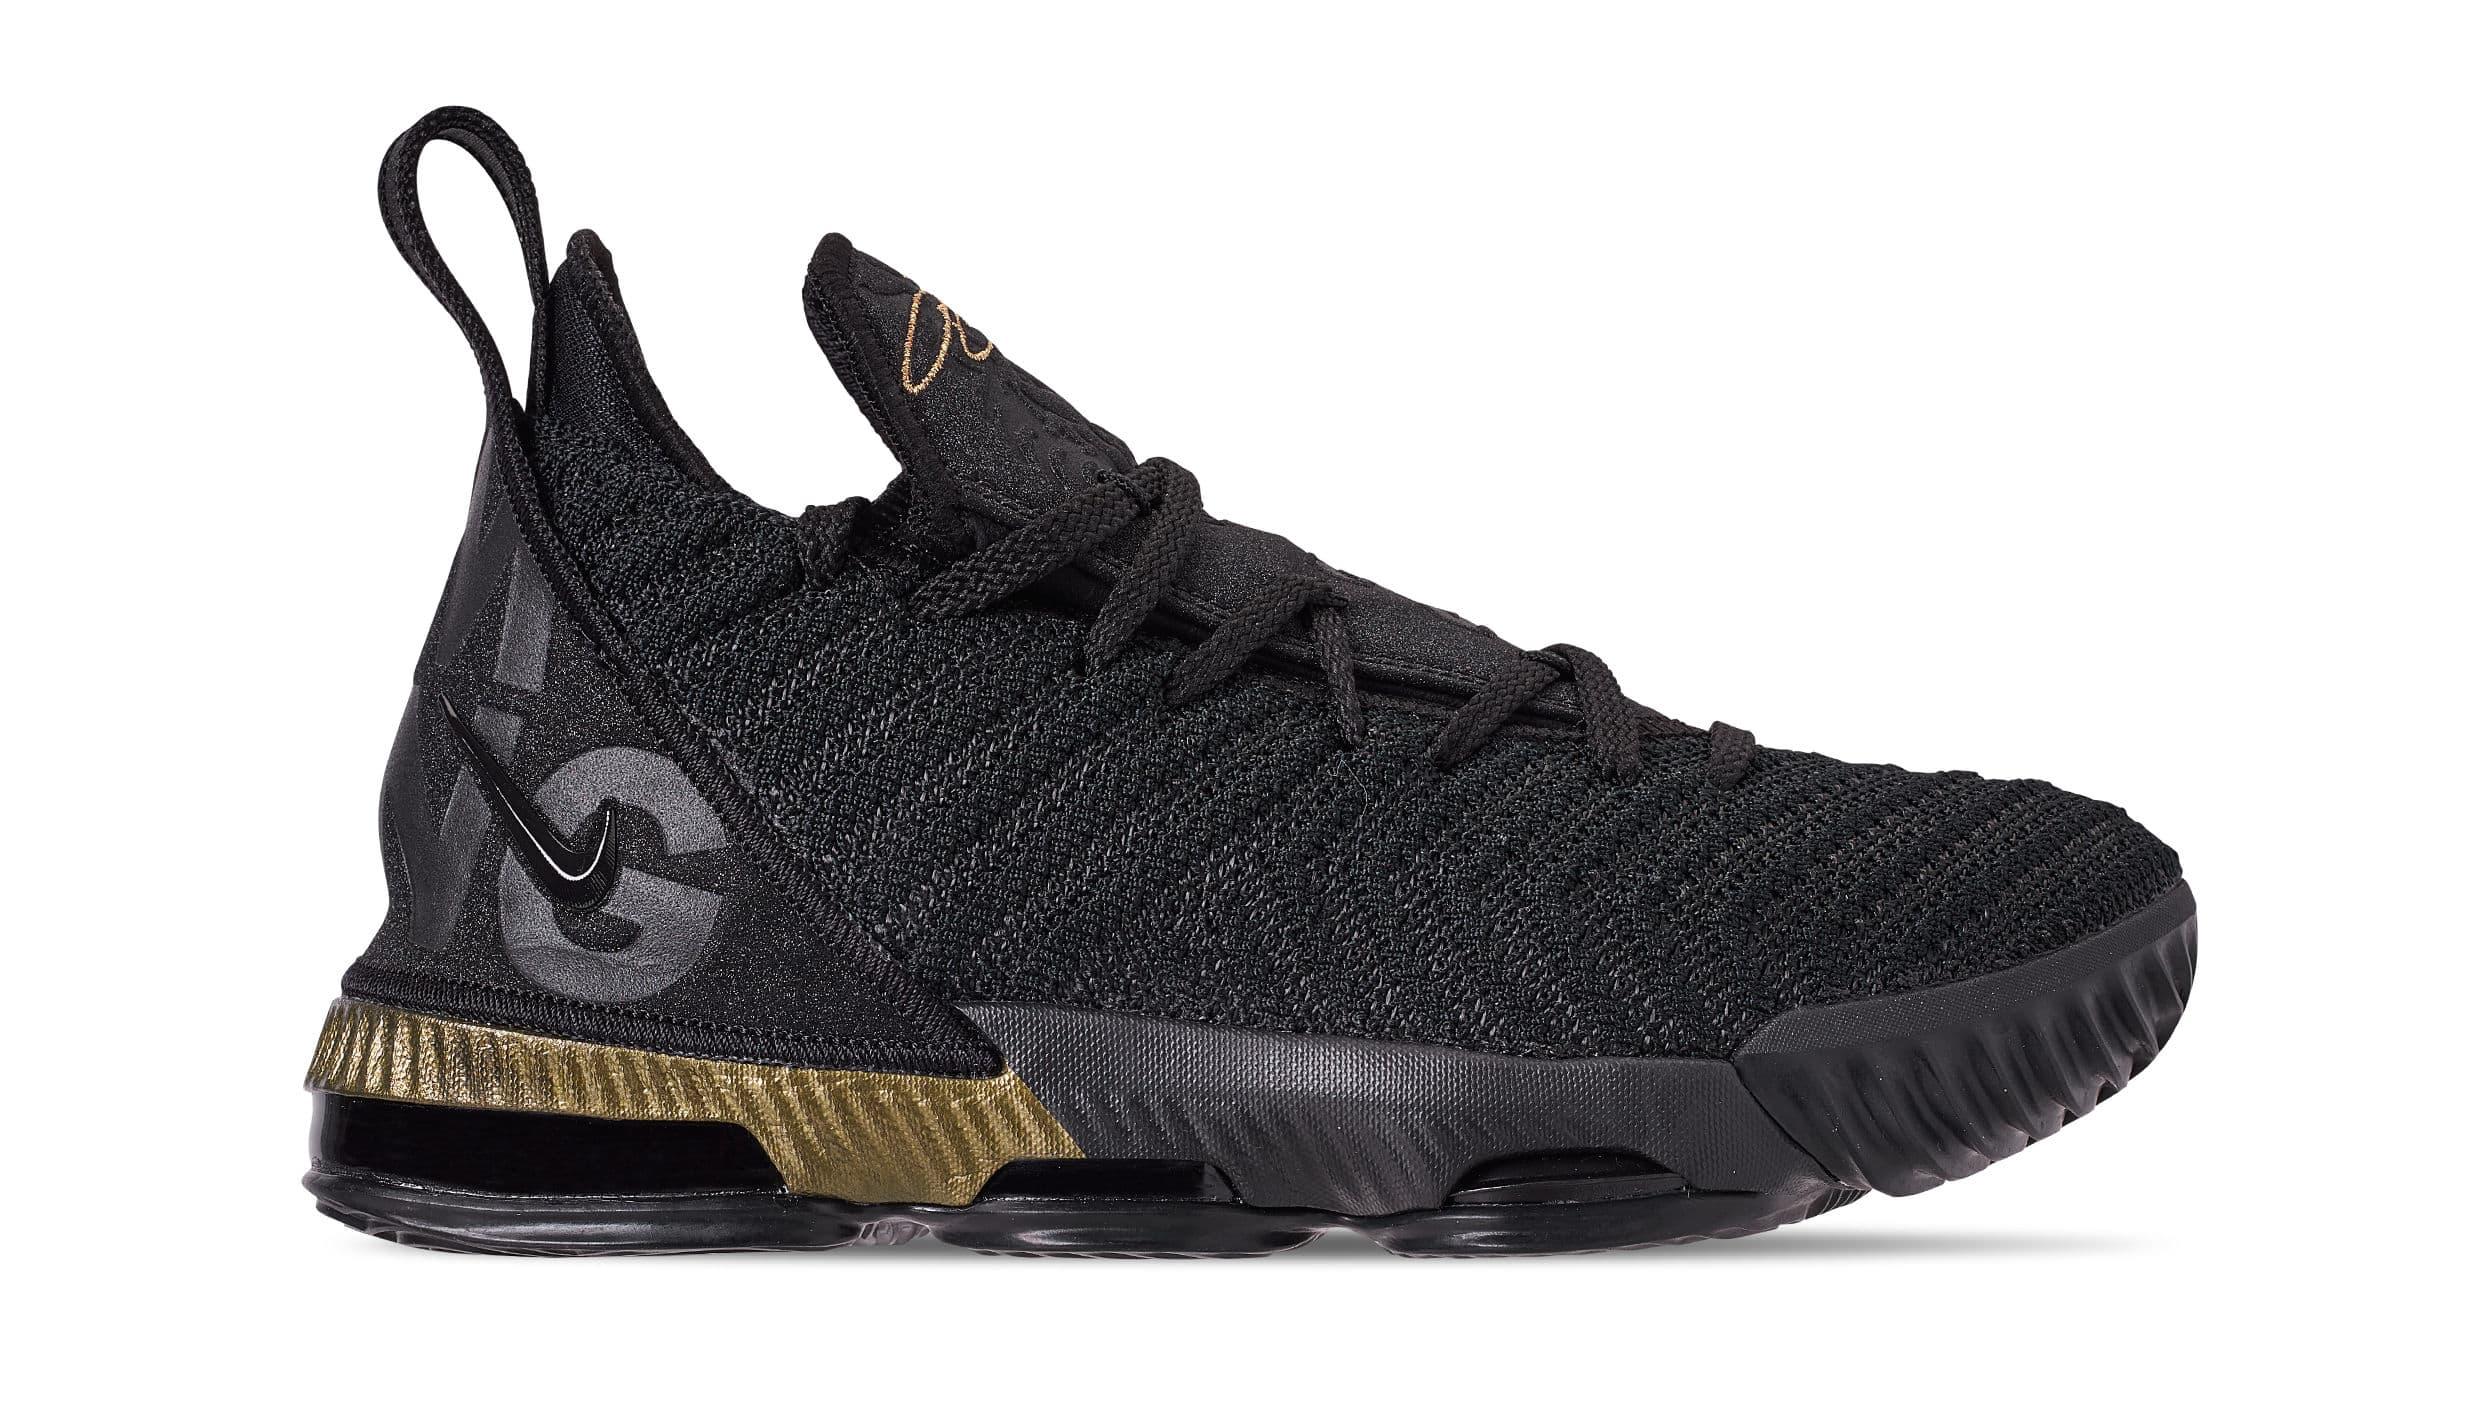 san francisco 9af86 8faca Nike LeBron 16 'I'm King' Black/Metallic Gold-Black BQ5970 ...